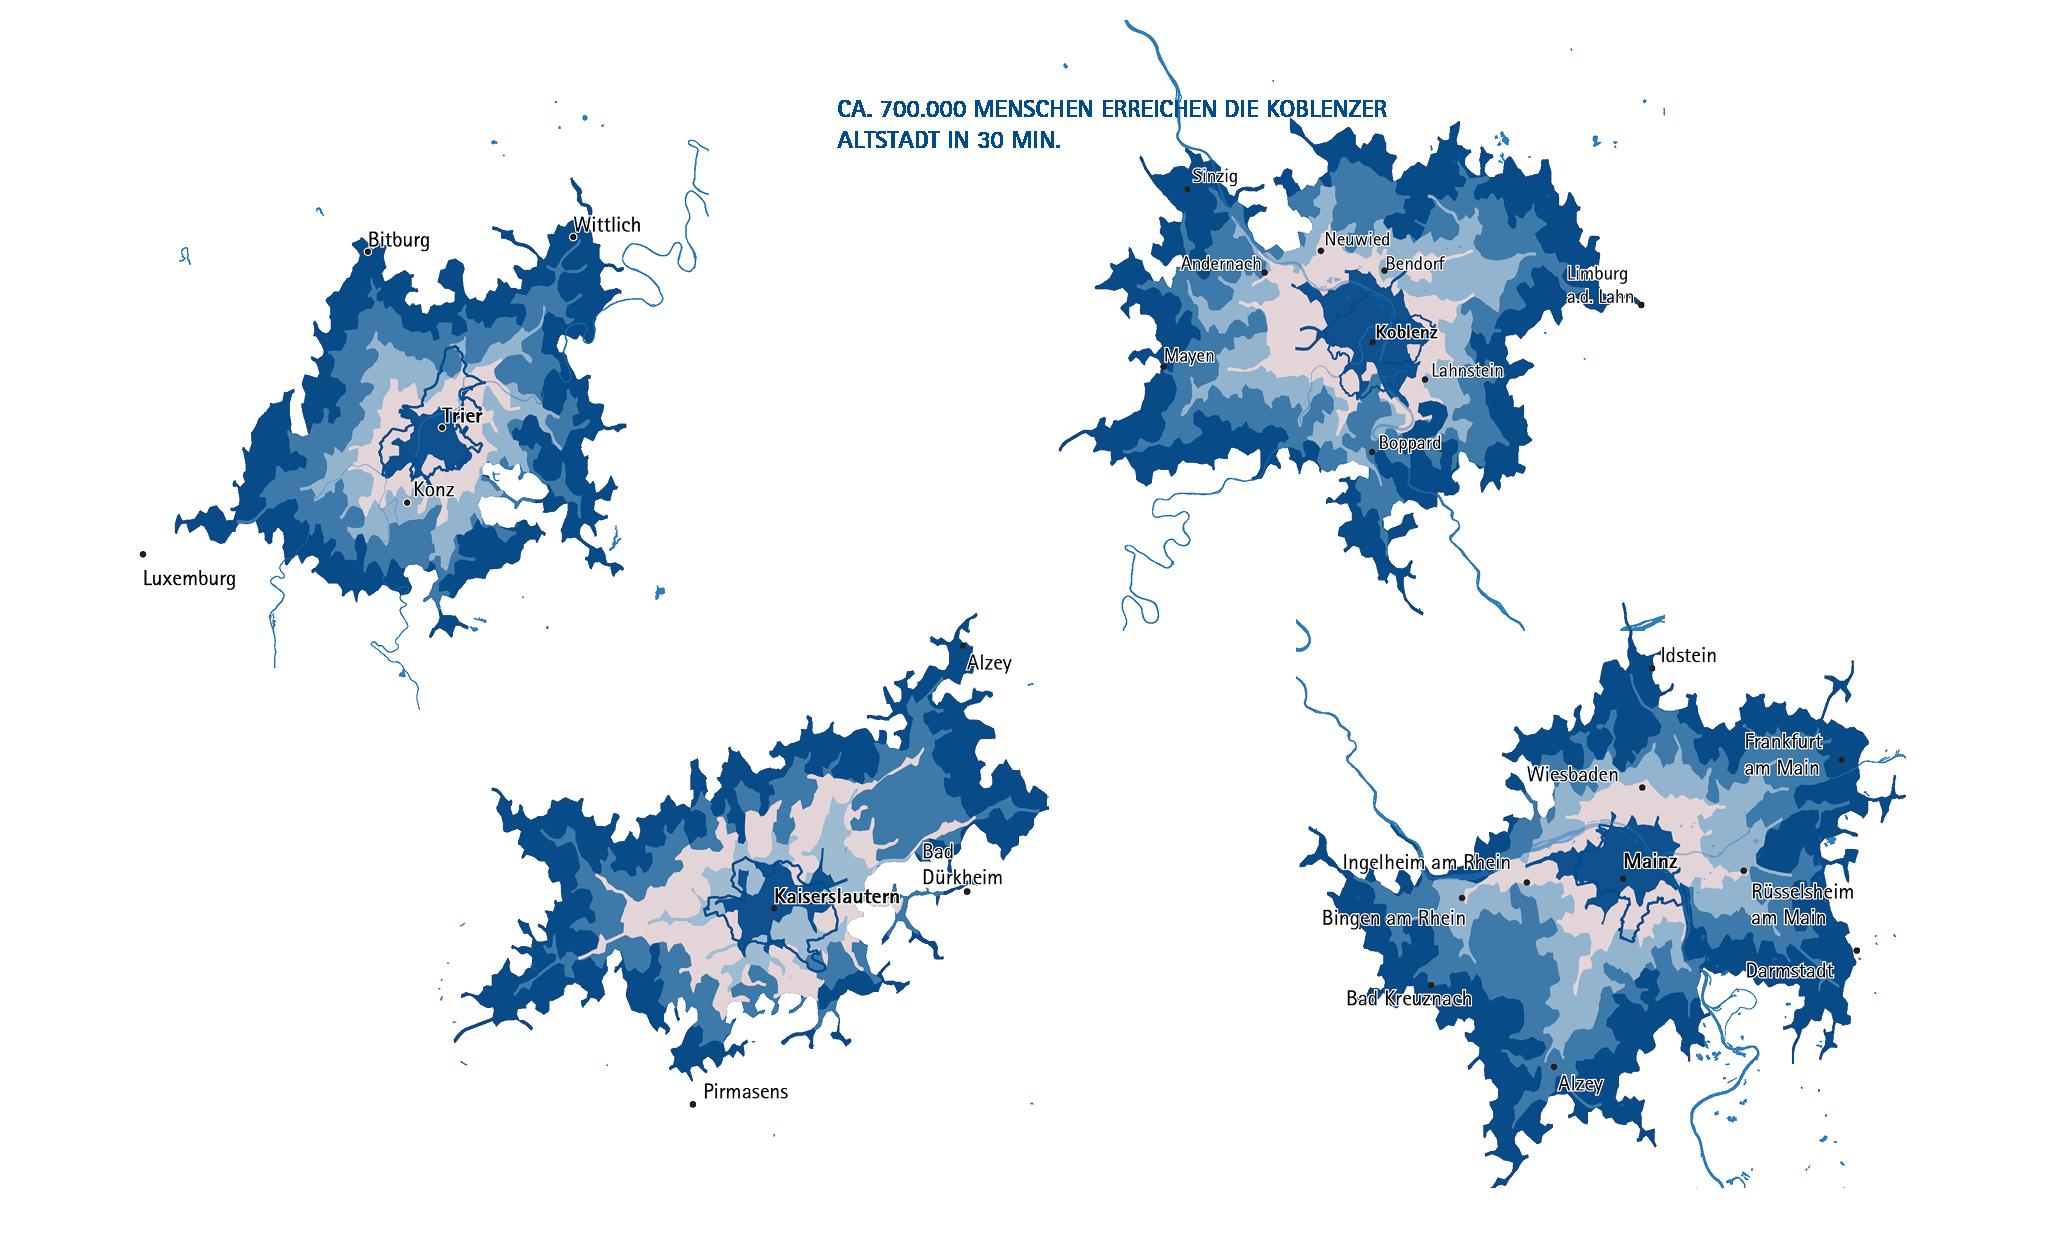 Zahlreiche vergleiche zu Städten Trier, Mainz und Kaiserslautern